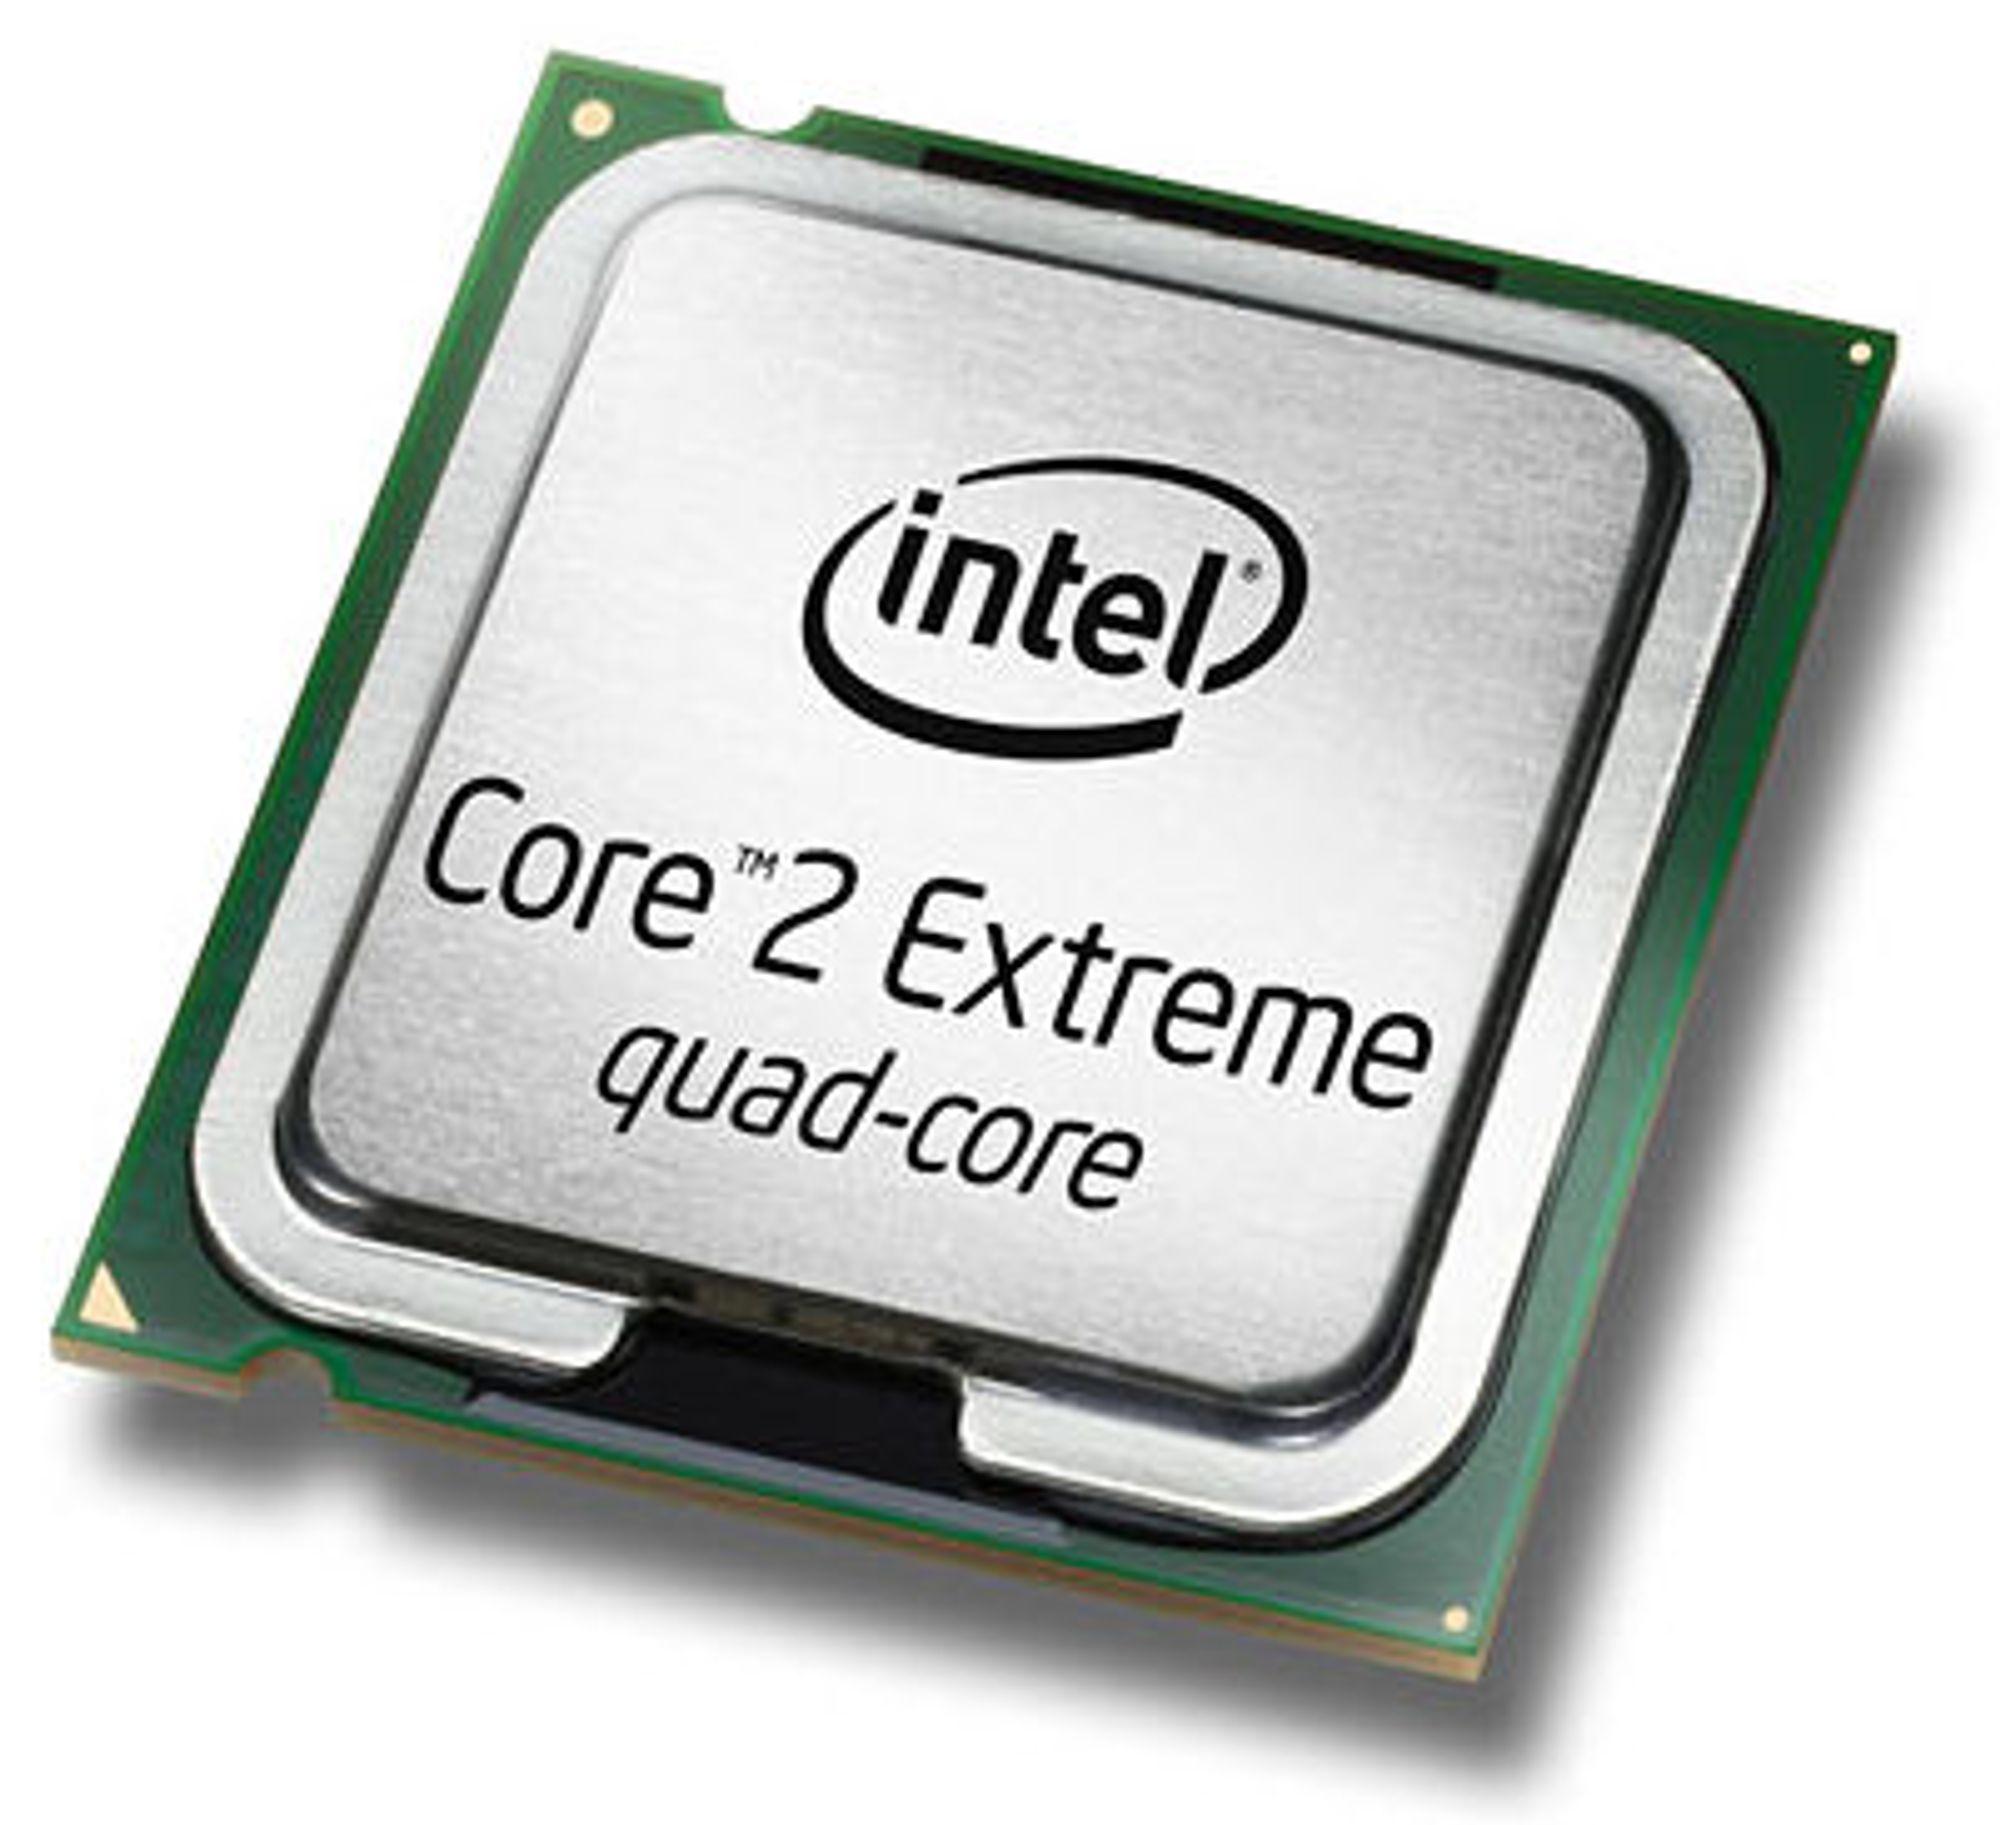 Core 2 Extreme QX9770: Firekjerne på 3,2 GHz